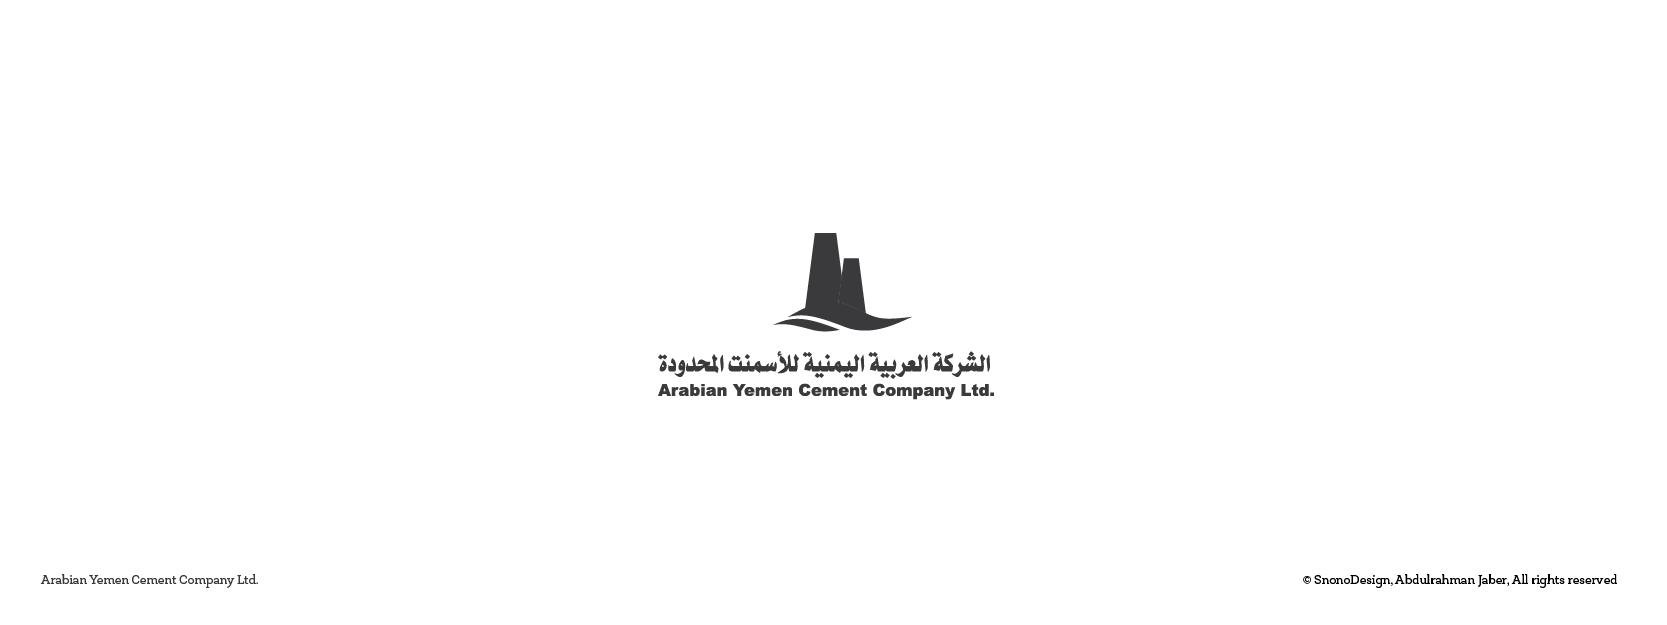 Logos 2002 - 2016 -2-10.png